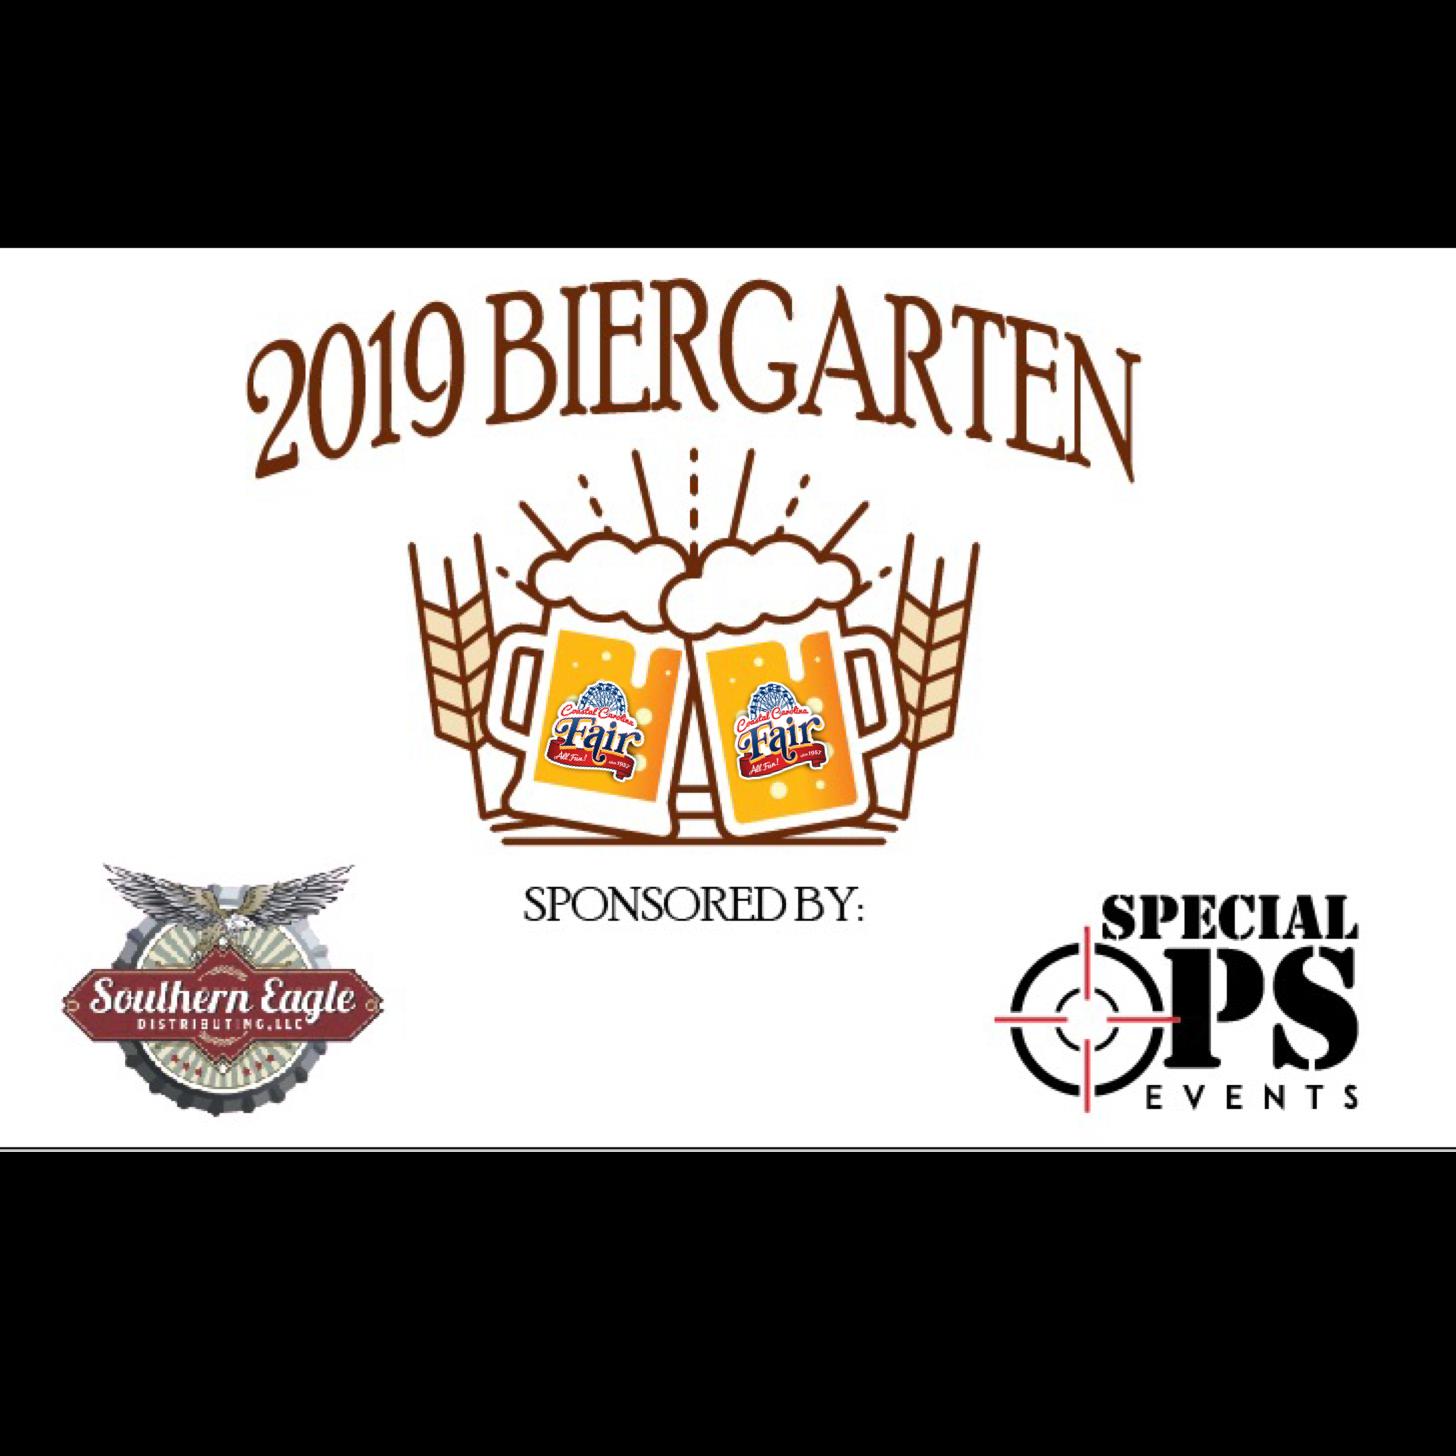 Beer Garden - Daily